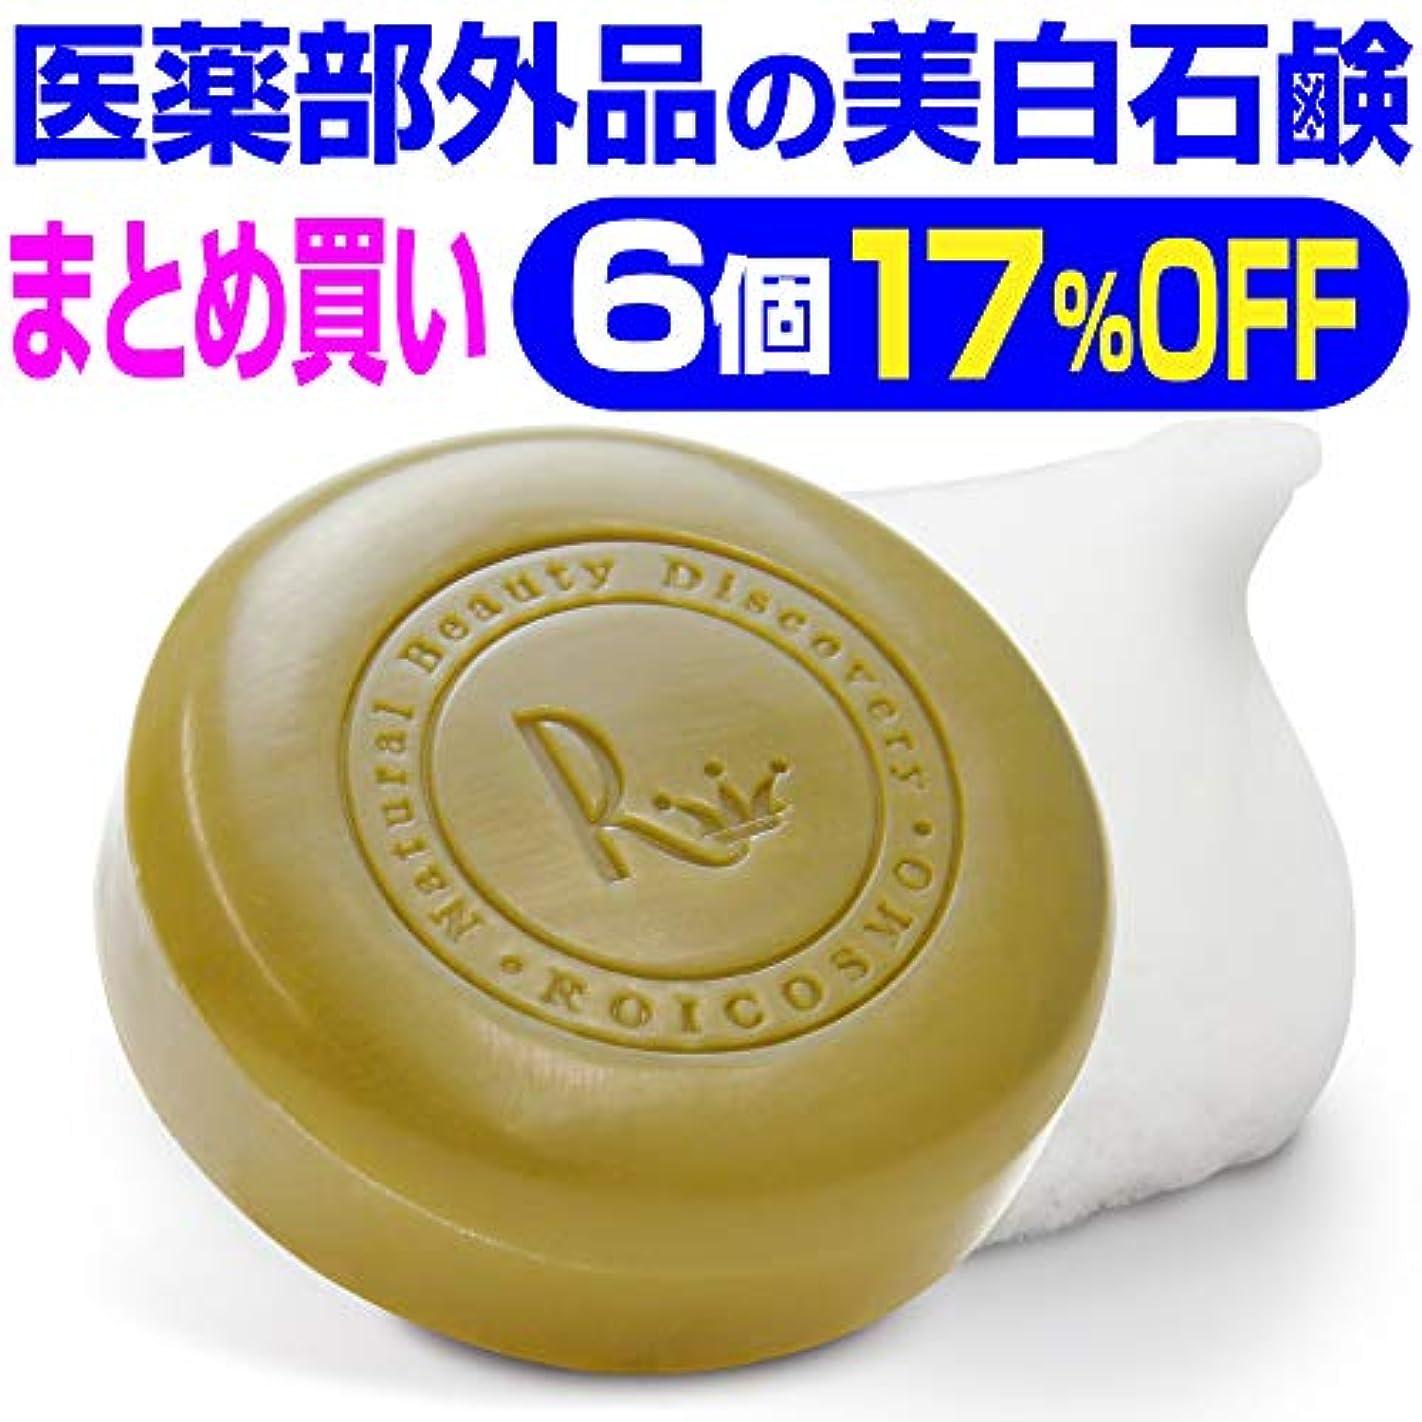 つかむ移動透ける6個まとめ買い17%OFF 美白石鹸/ビタミンC270倍の美白成分配合の 洗顔石鹸『ホワイトソープ100g×6個』